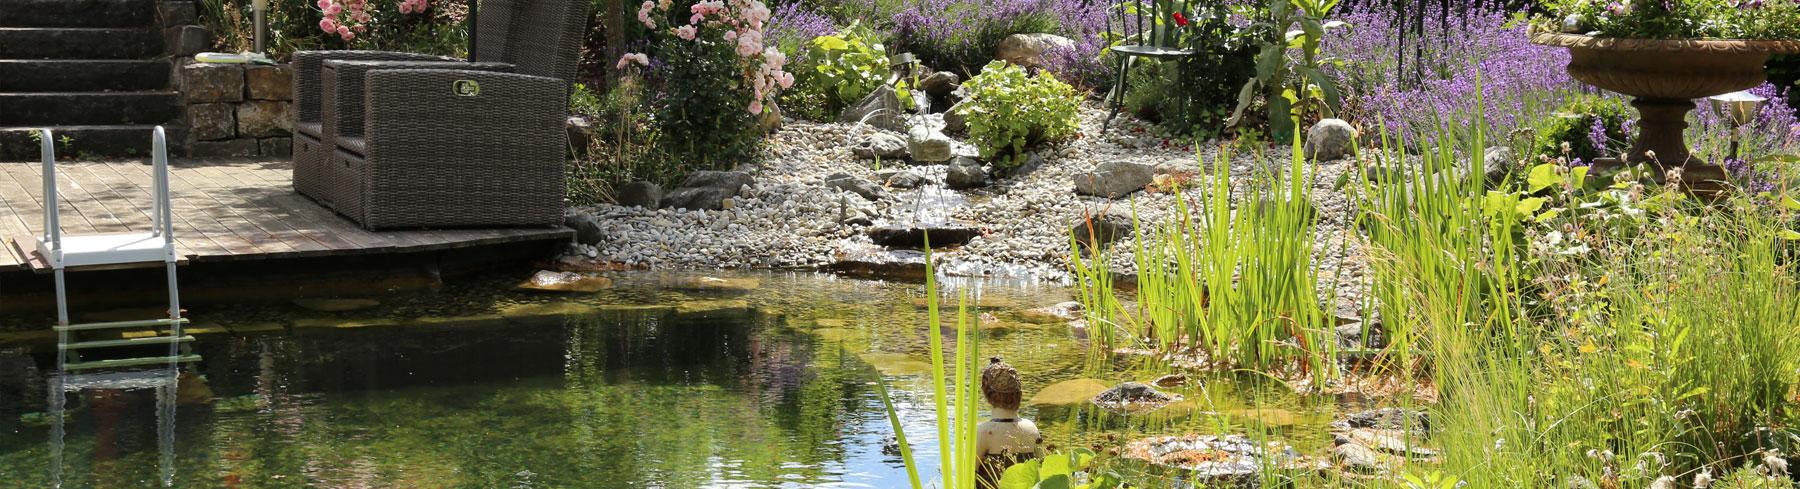 Kontaktieren Sie Garten- und LandschaftsbauMartin Wiebel